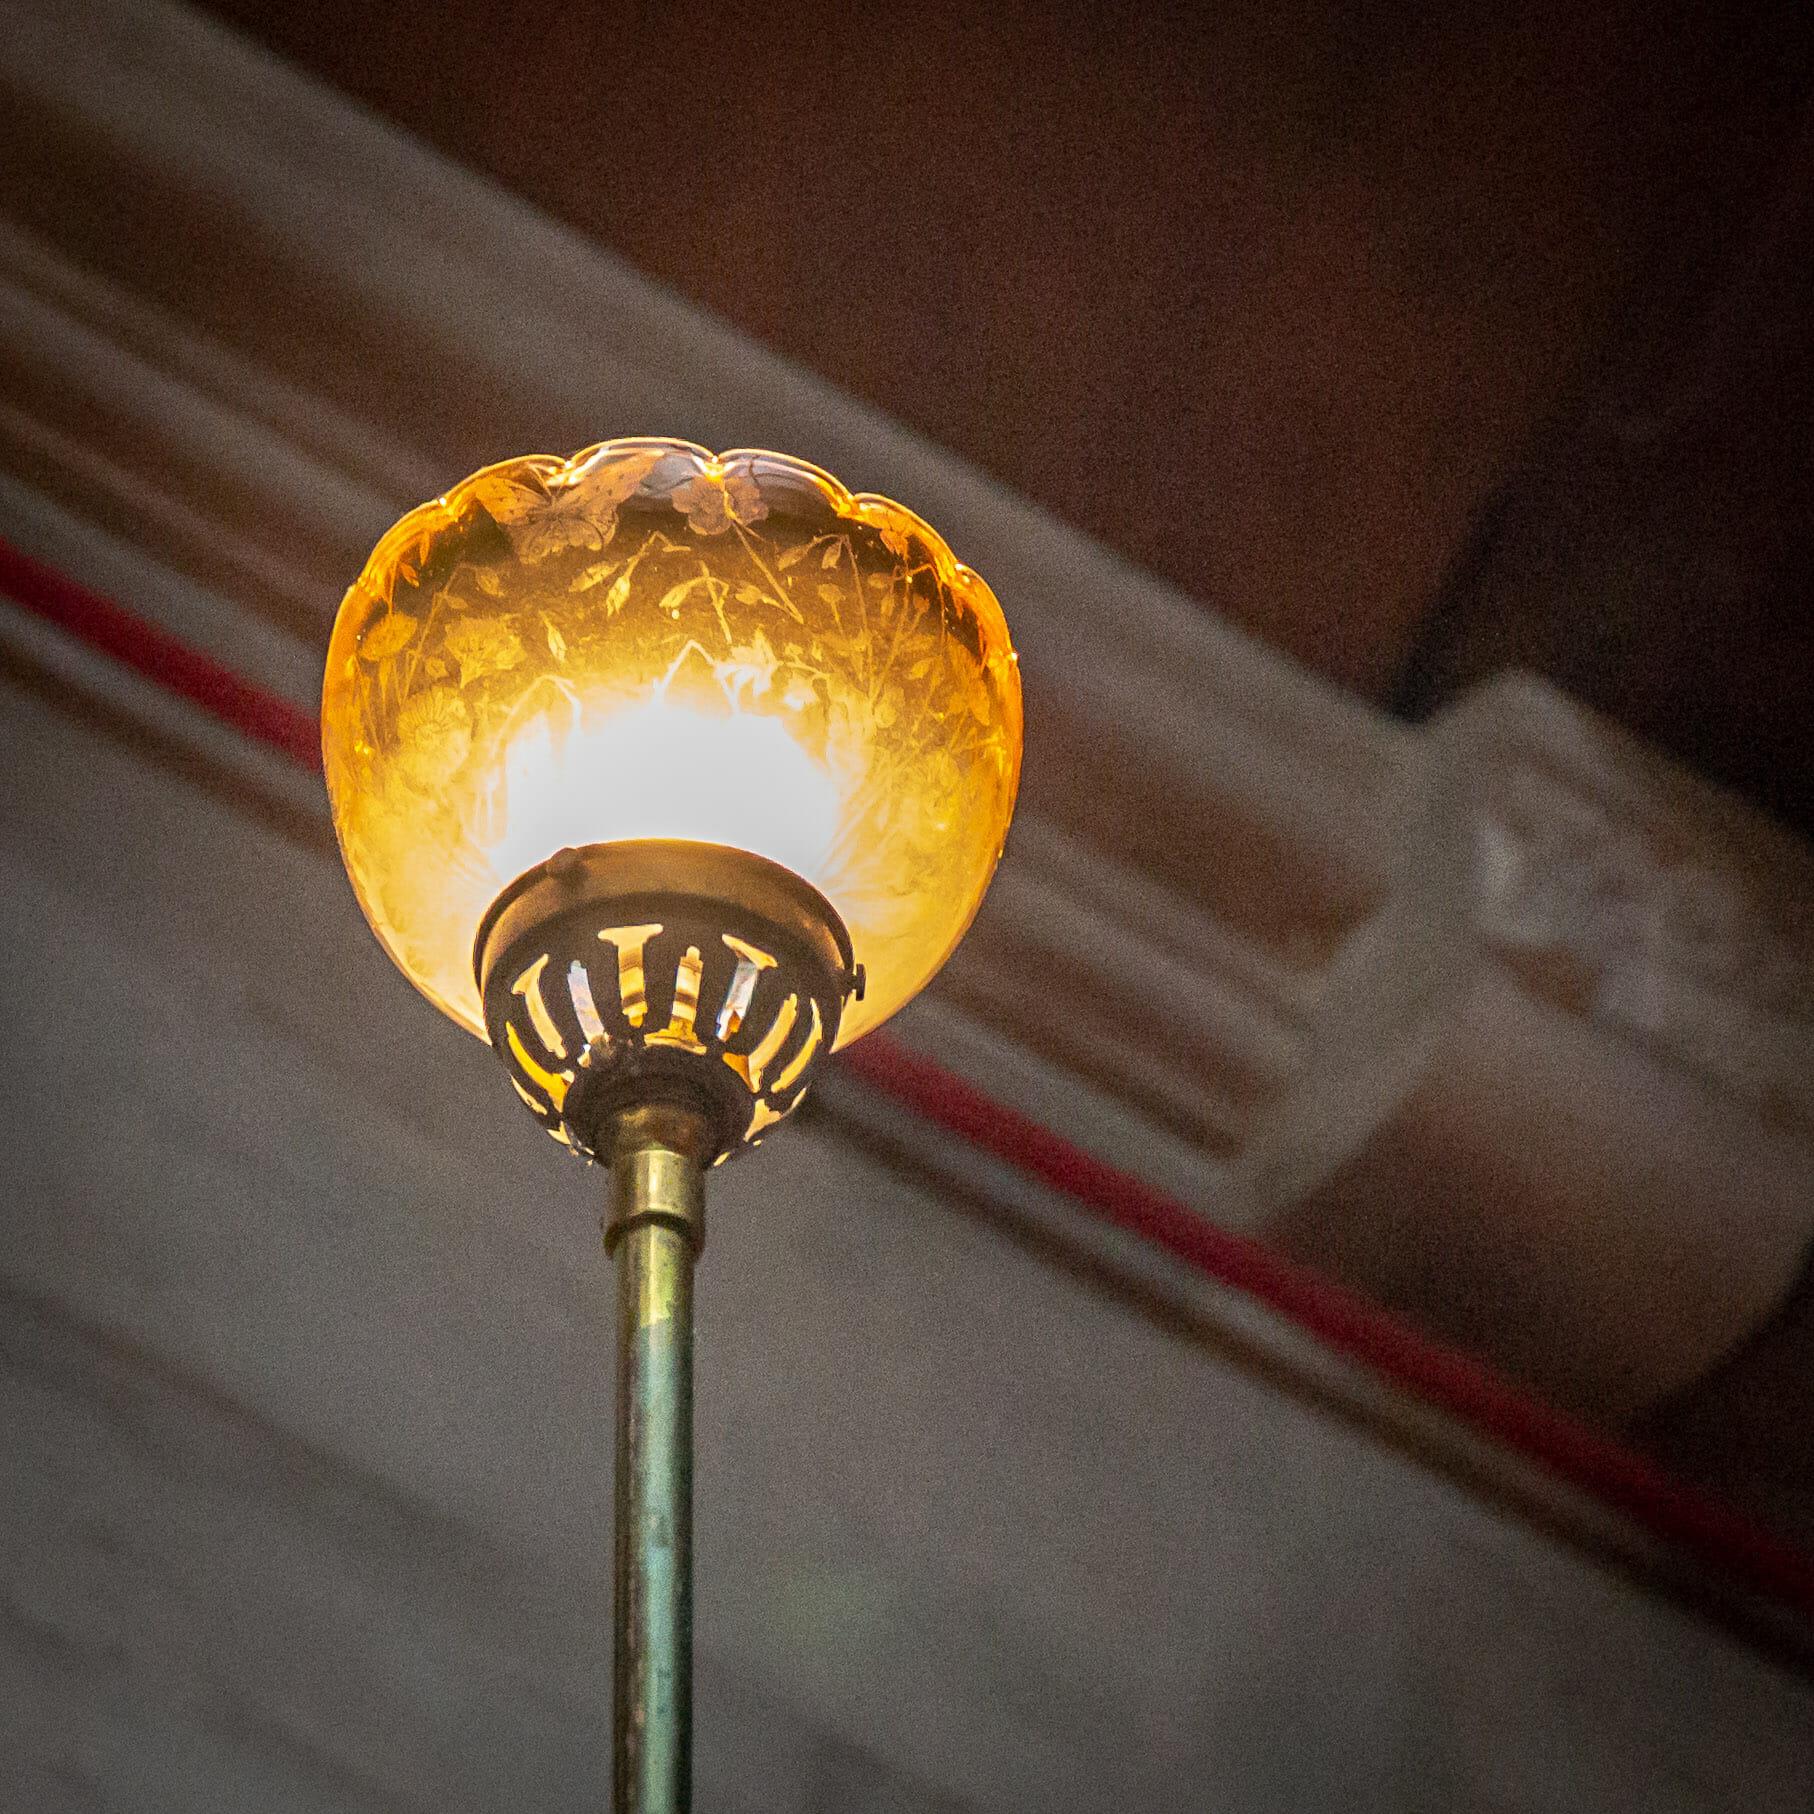 Glasaufsatz der Lampe im Treppenhaus